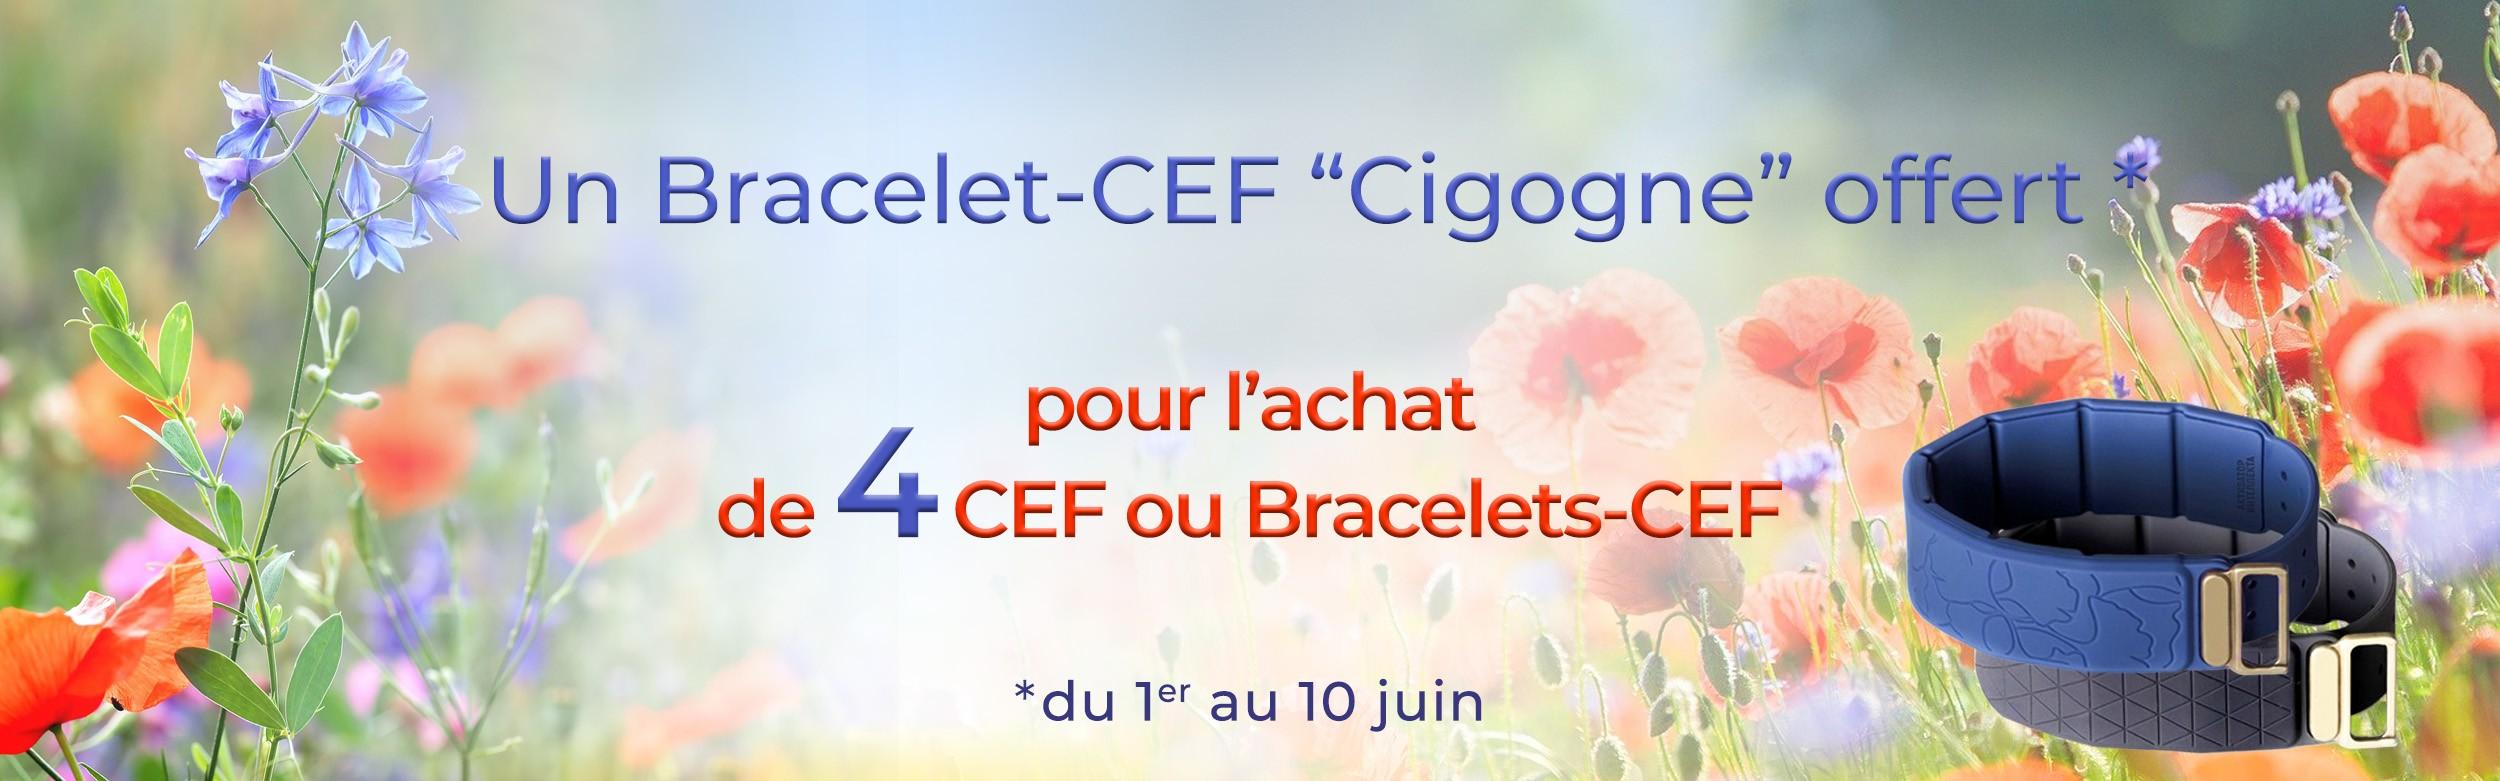 Un Bracelet-CEF offert pour l'achat de 4 CEF ou Bracelets-CEF